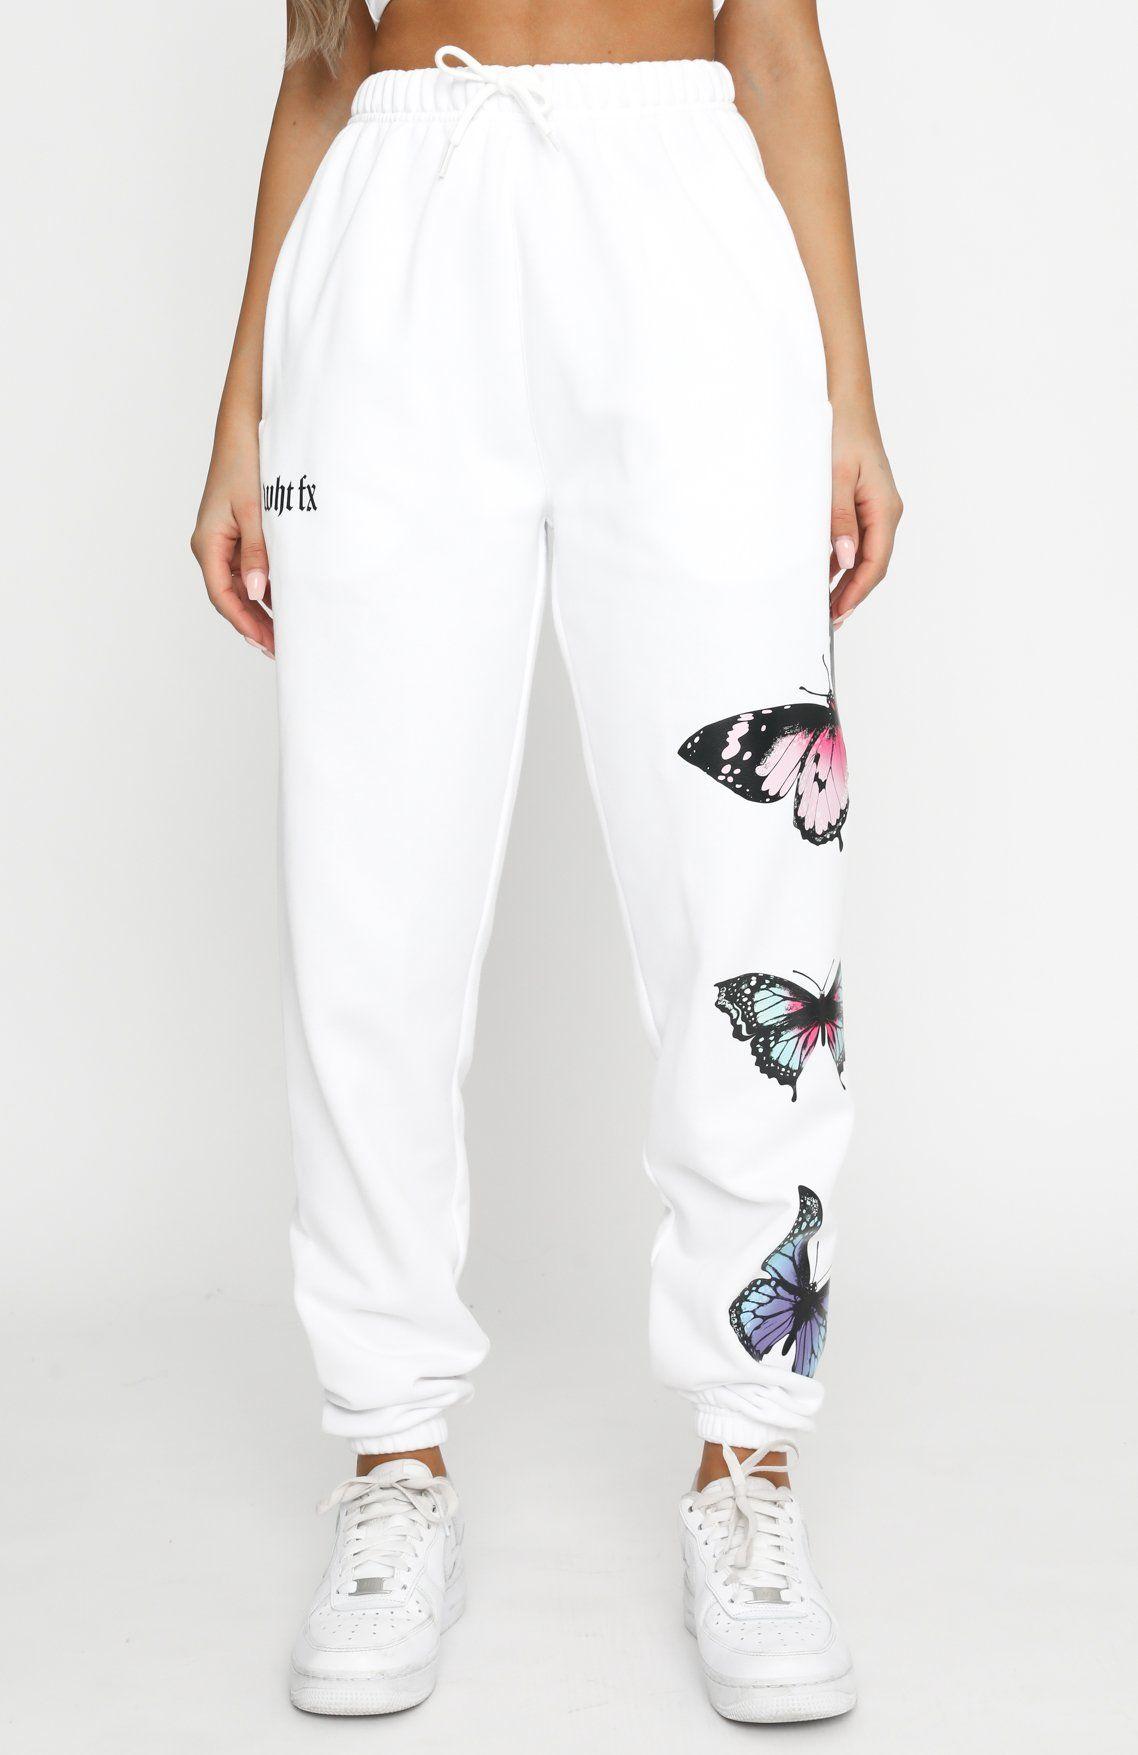 Butterfly Babe Sweatpants Tie Dye Joggers